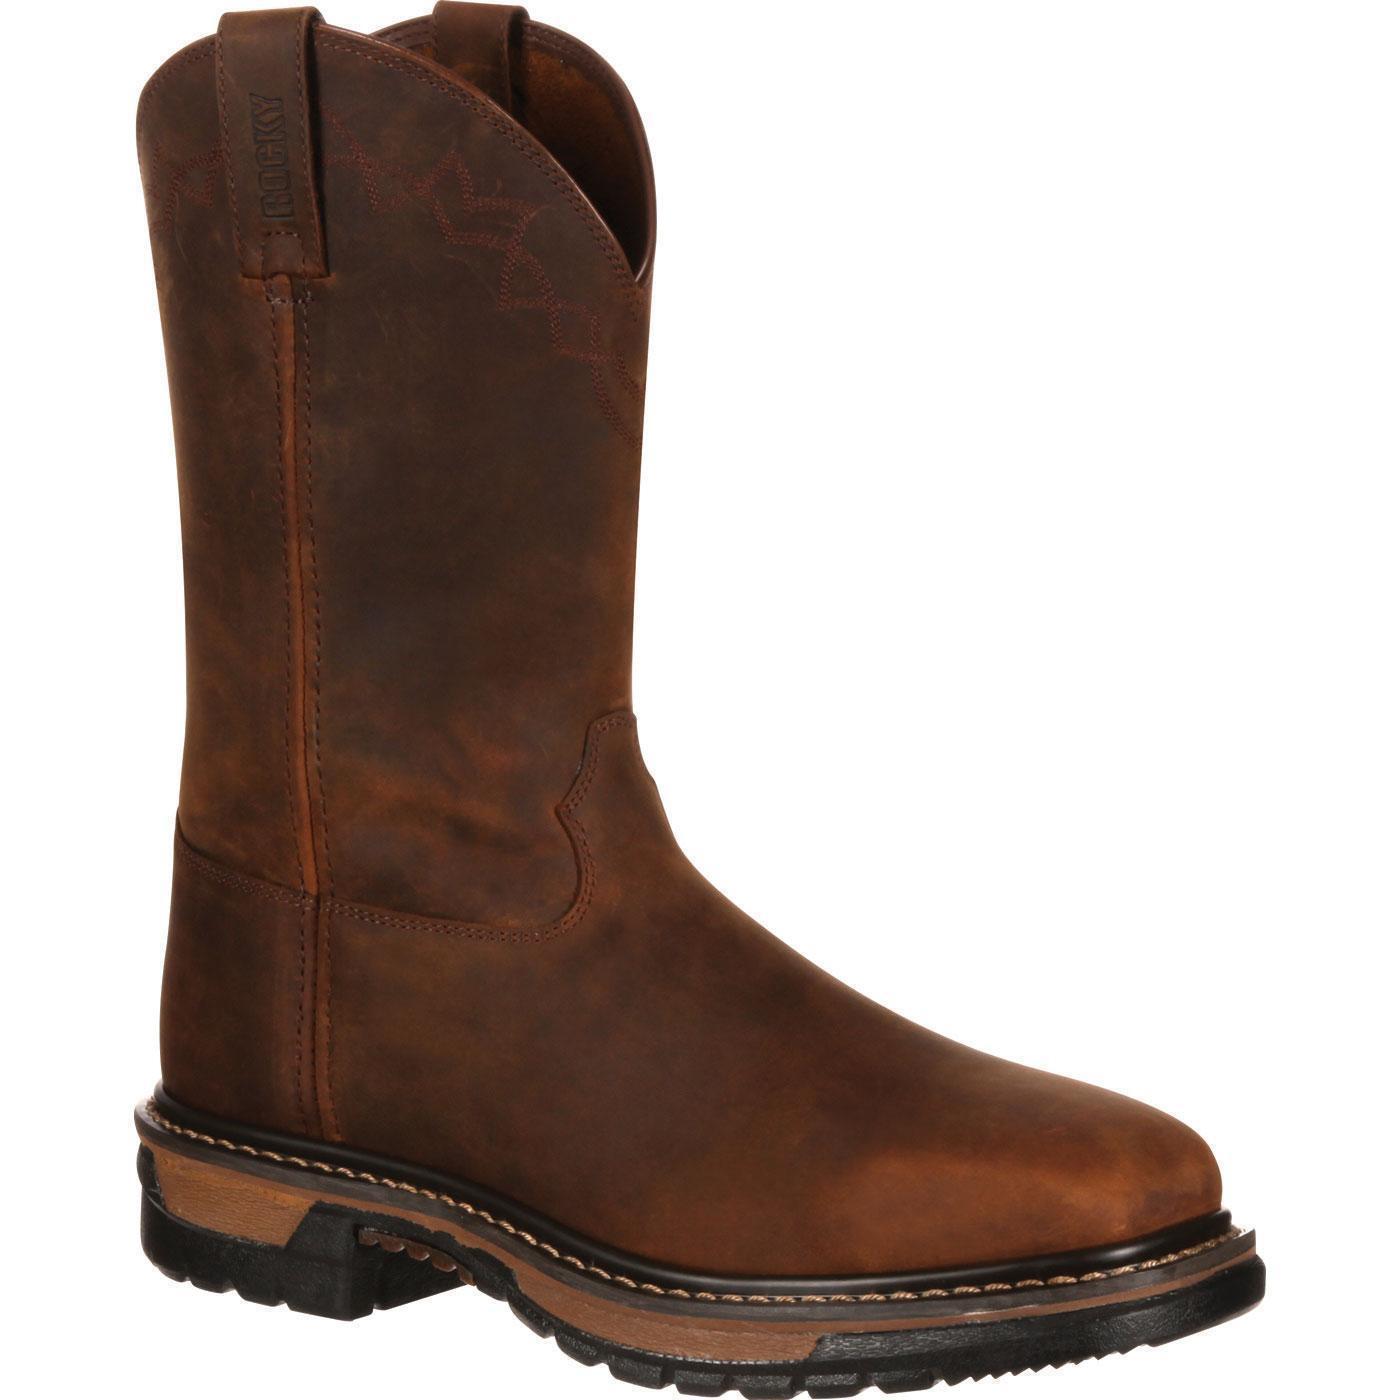 Rocky RKW0131 Dedo Del Pie Cuadrado Cuero Original Ride 11  Tire de botas de vaquero occidental